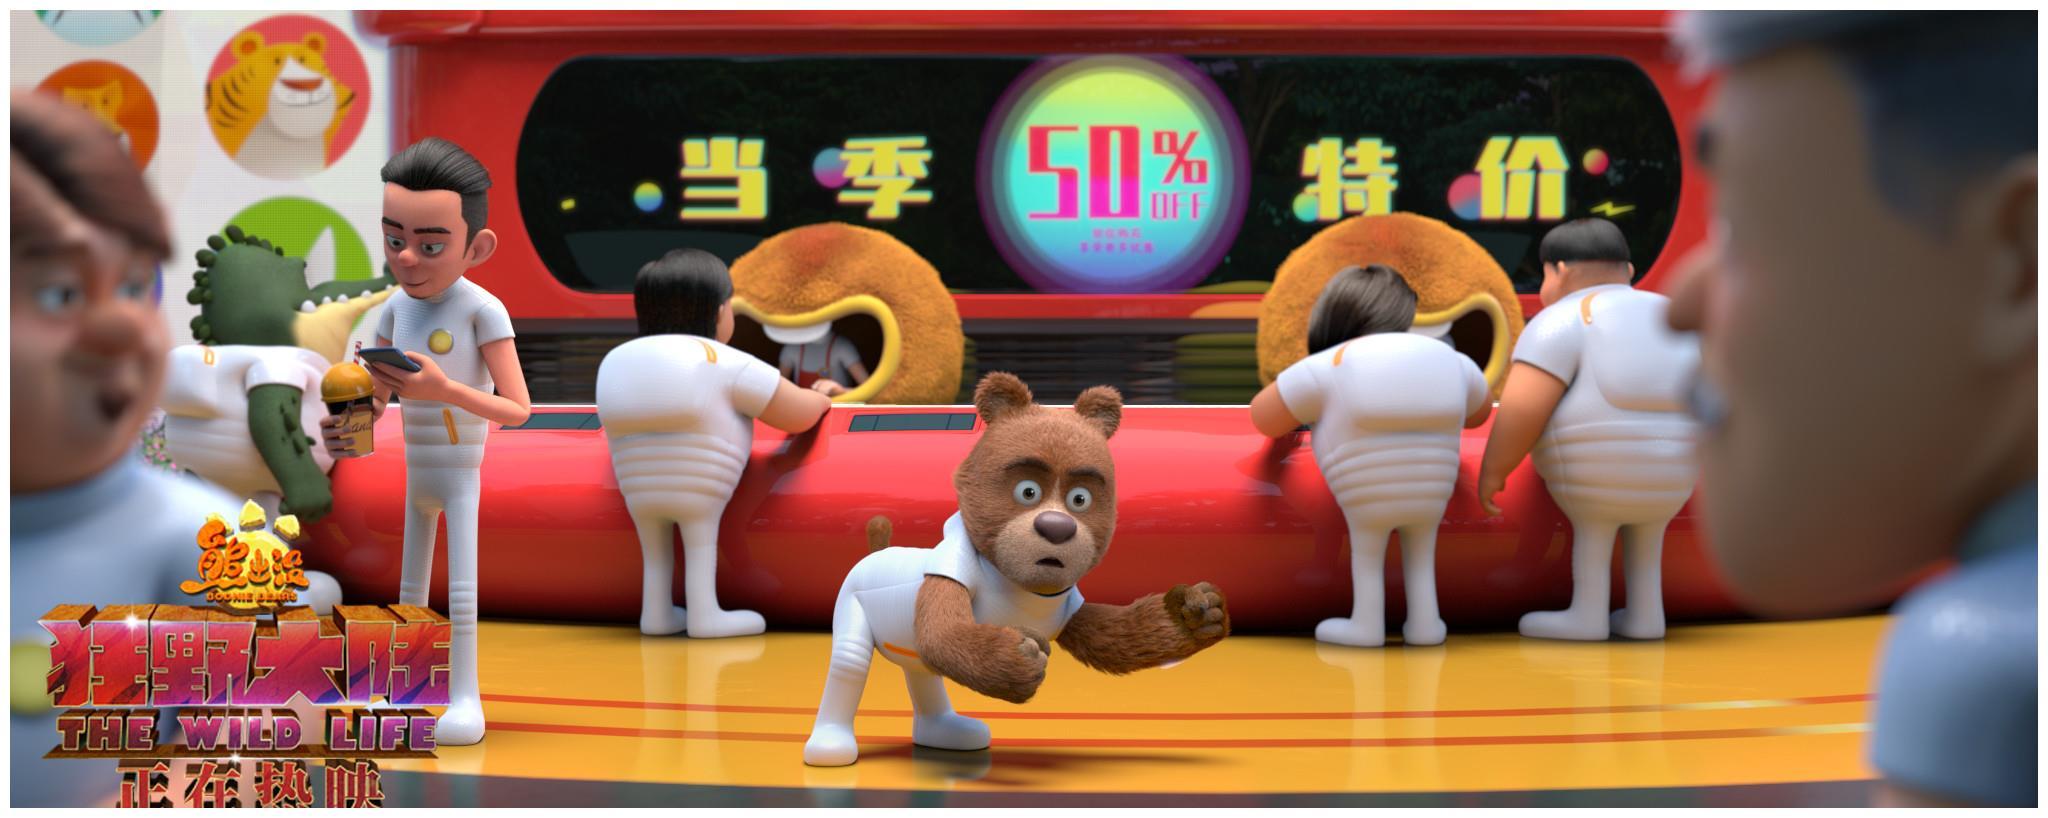 电影《熊出没·狂野大陆》都能获得不一样的惊喜和启发意义。